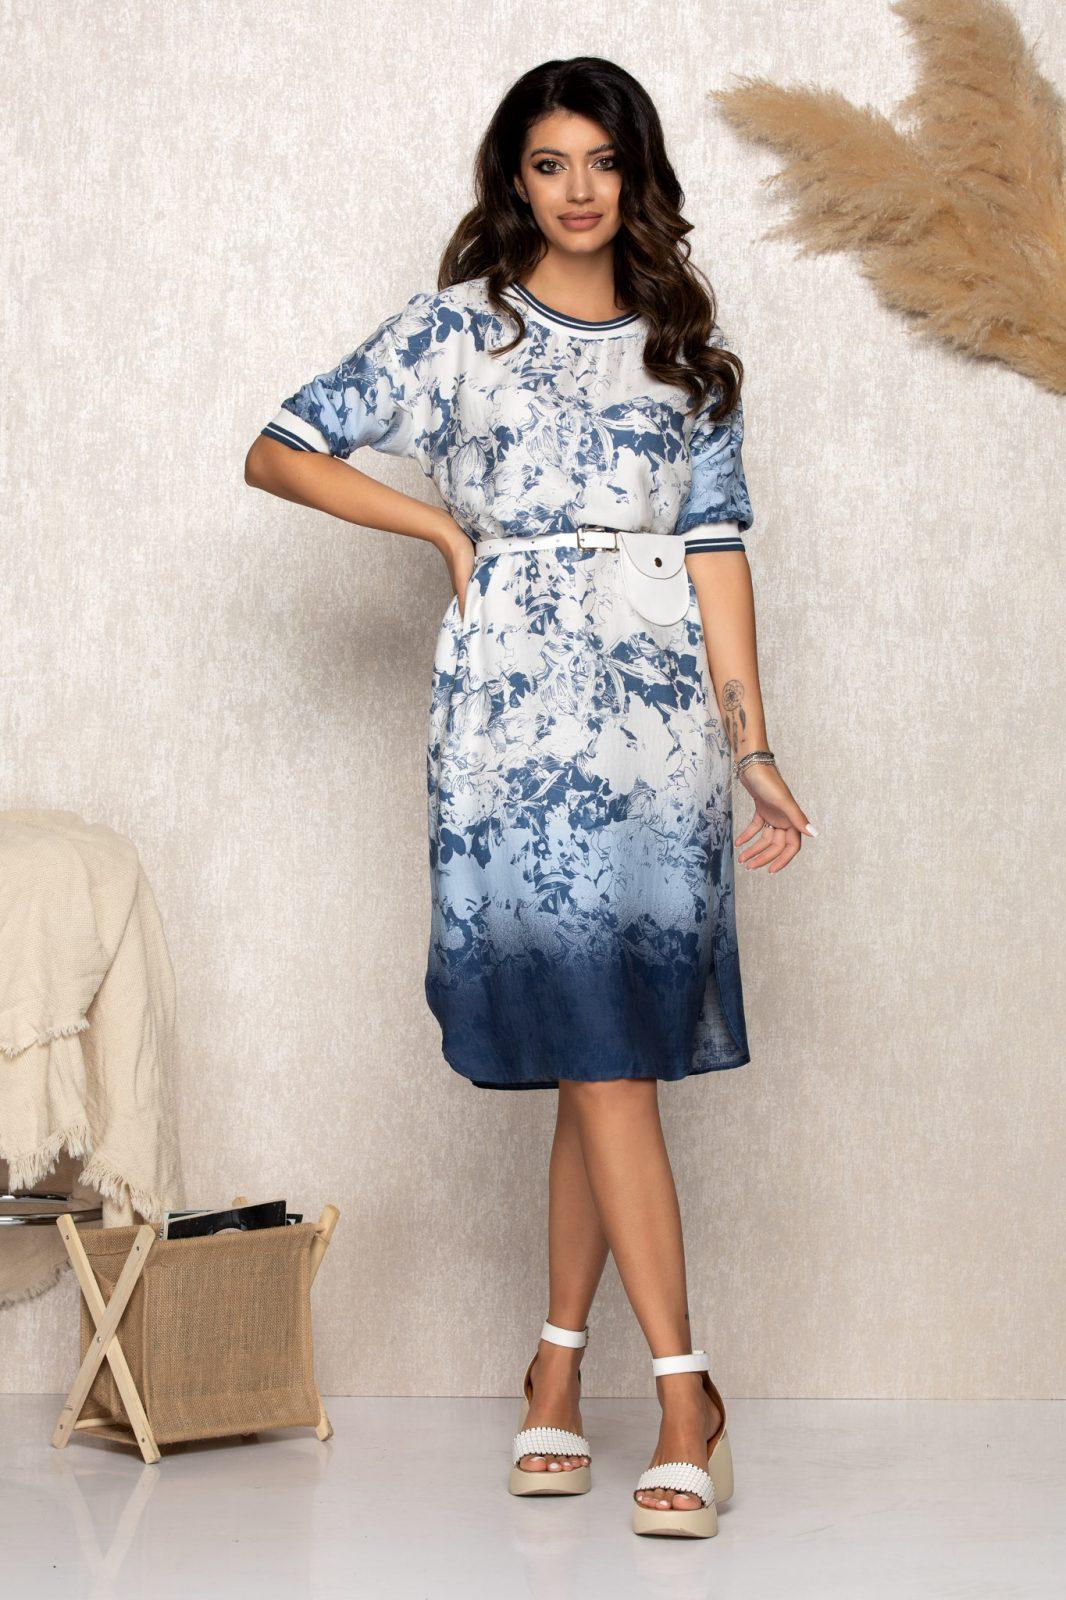 Μπλε Καθημερινό Φόρεμα Με Πορτοφόλι Saige B160 1